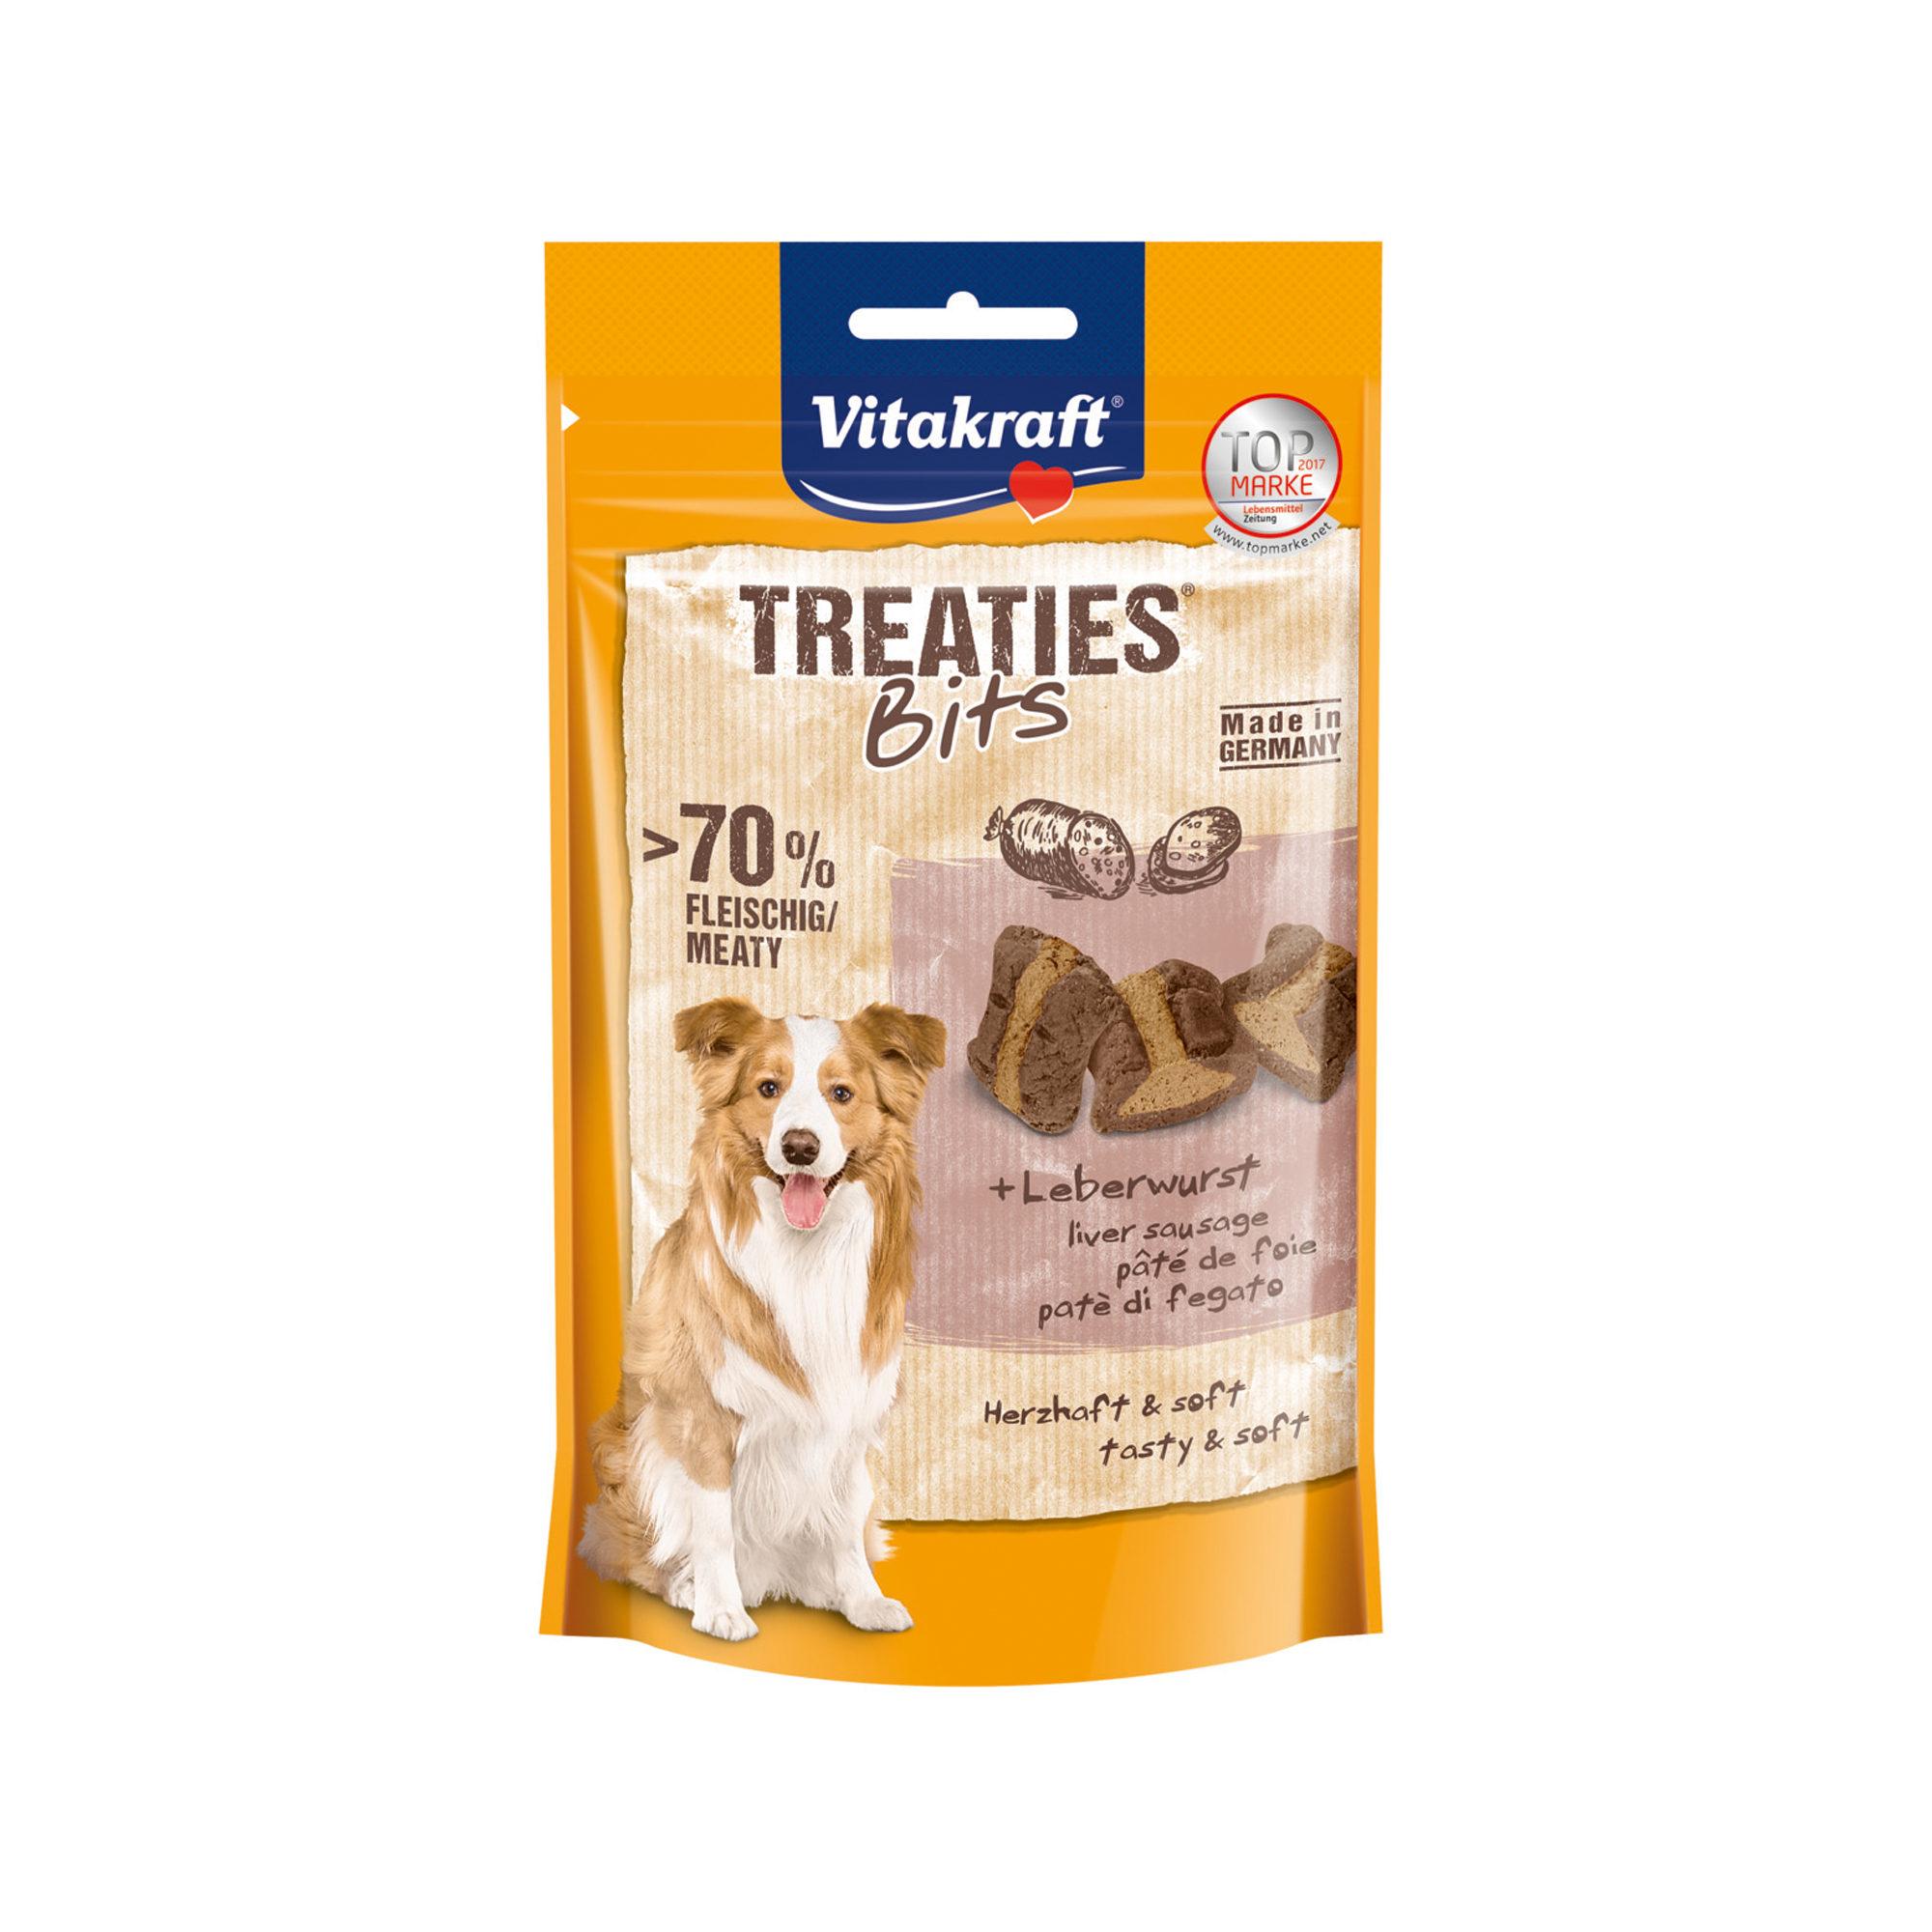 Vitakraft Treaties Bites - Leberwurst